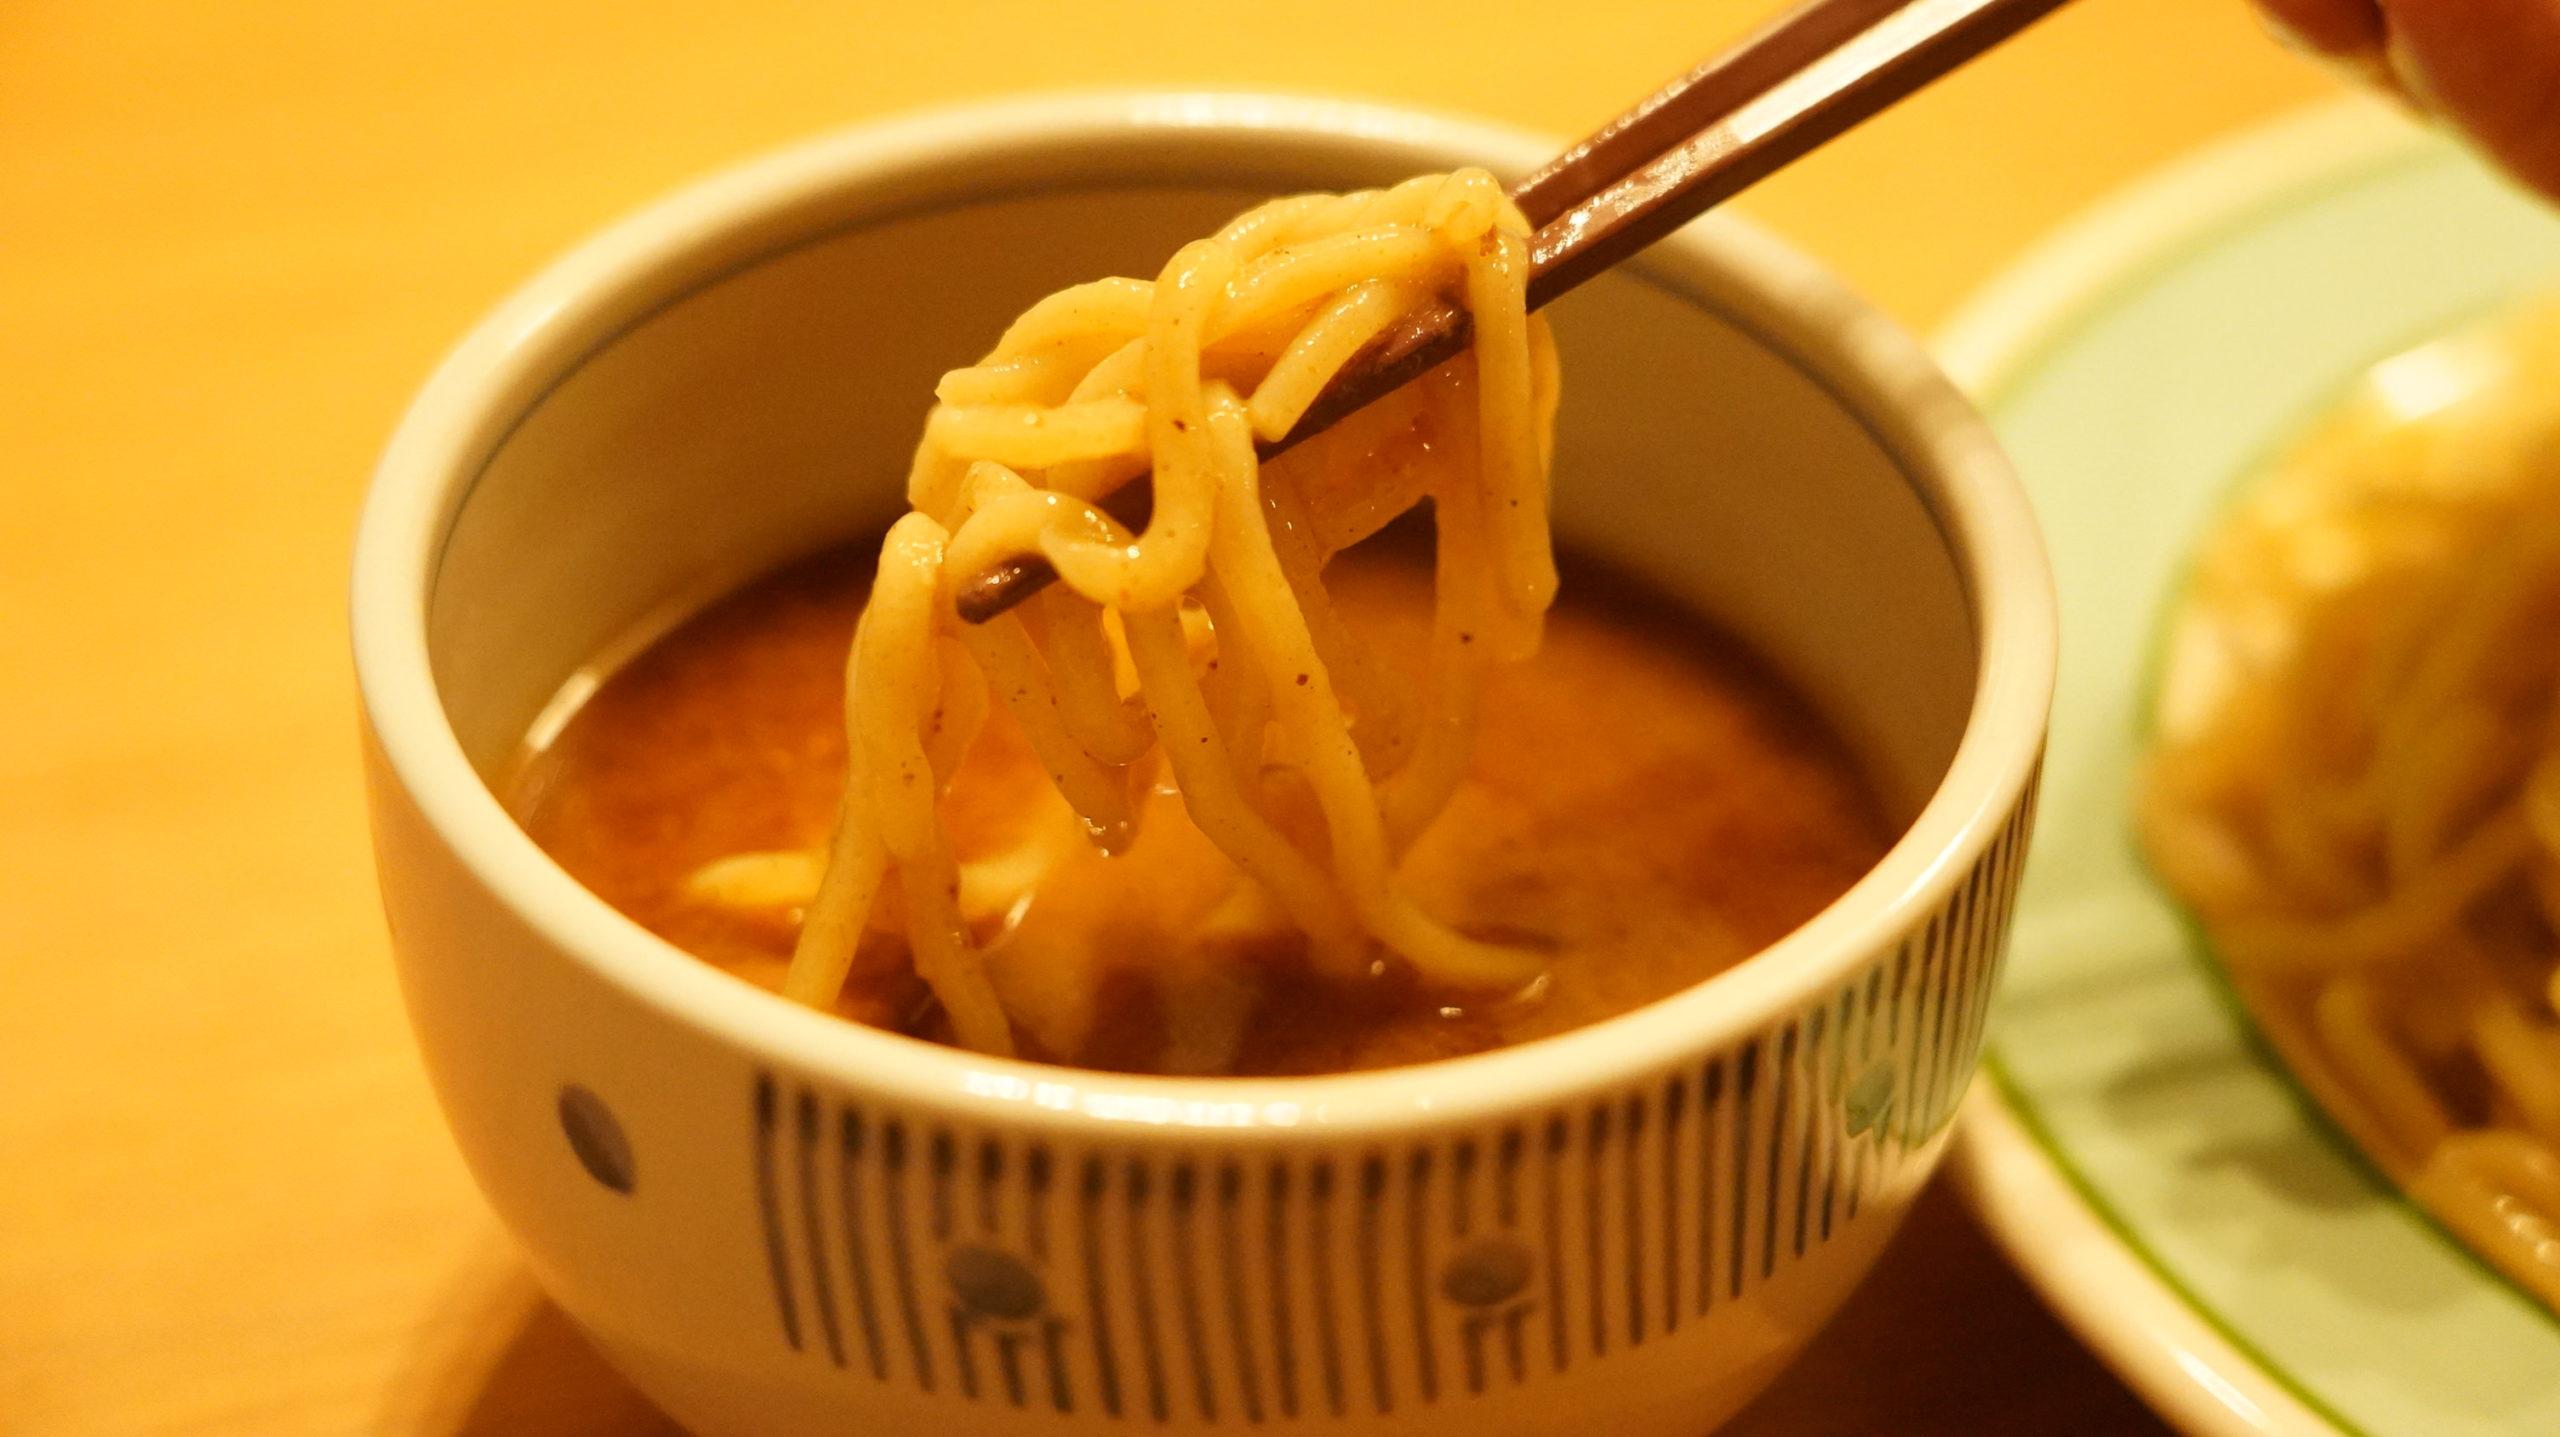 オンライン通販で注文した三田製麺所の「冷凍つけ麺」の麺を箸でつまんでいる写真